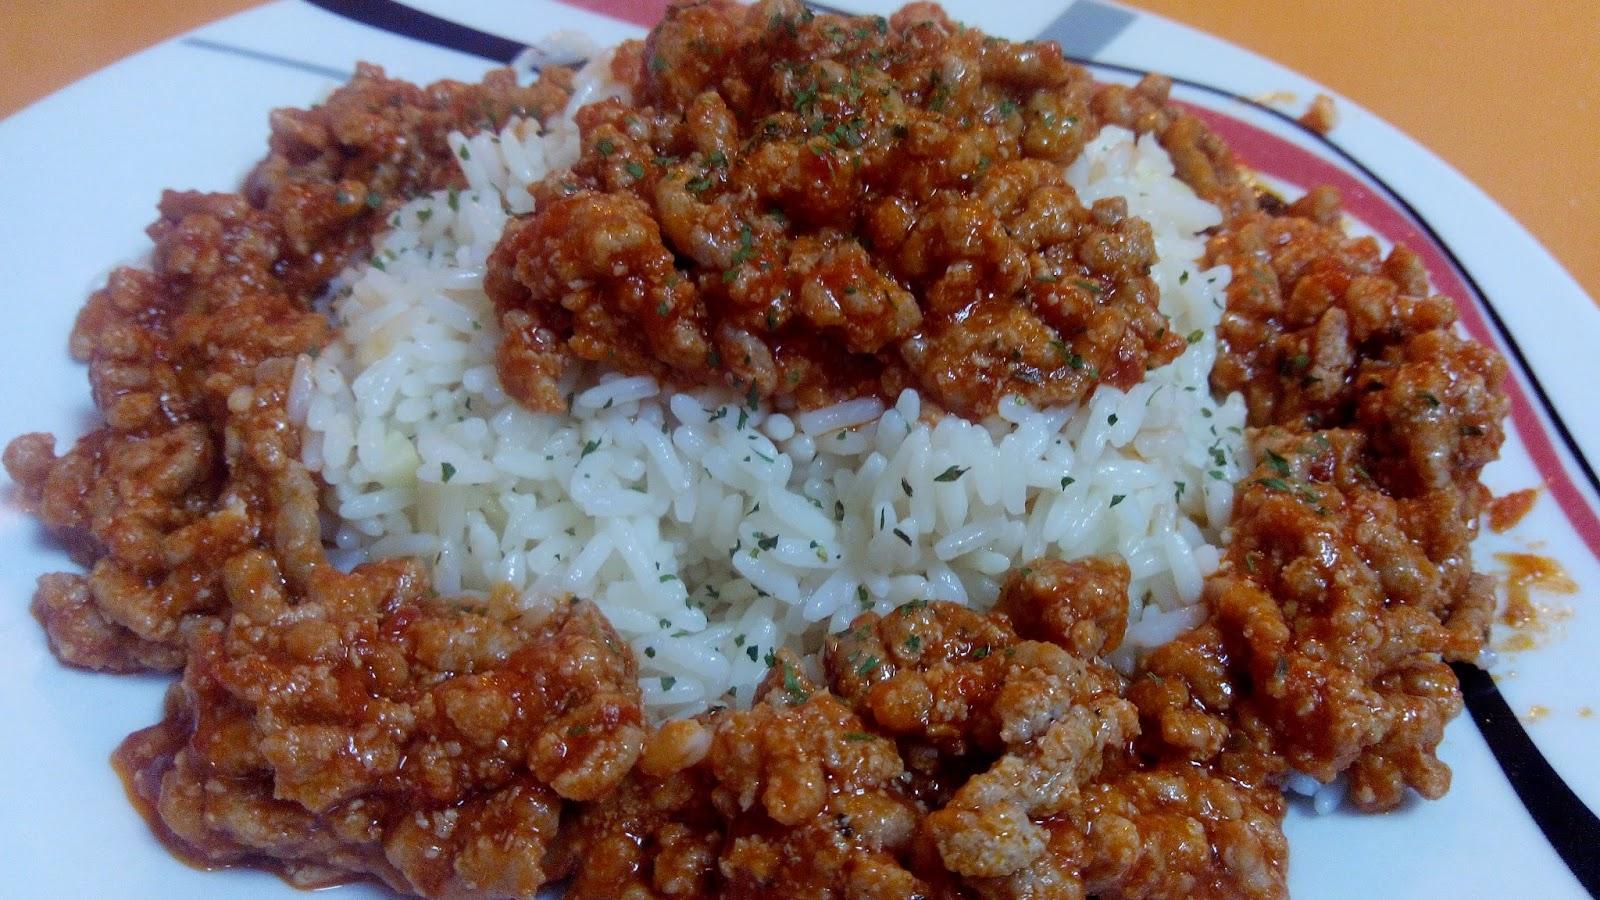 La cocina f cil de silvia arroz blanco con picadillo de cerdo - Comidas con arroz blanco ...